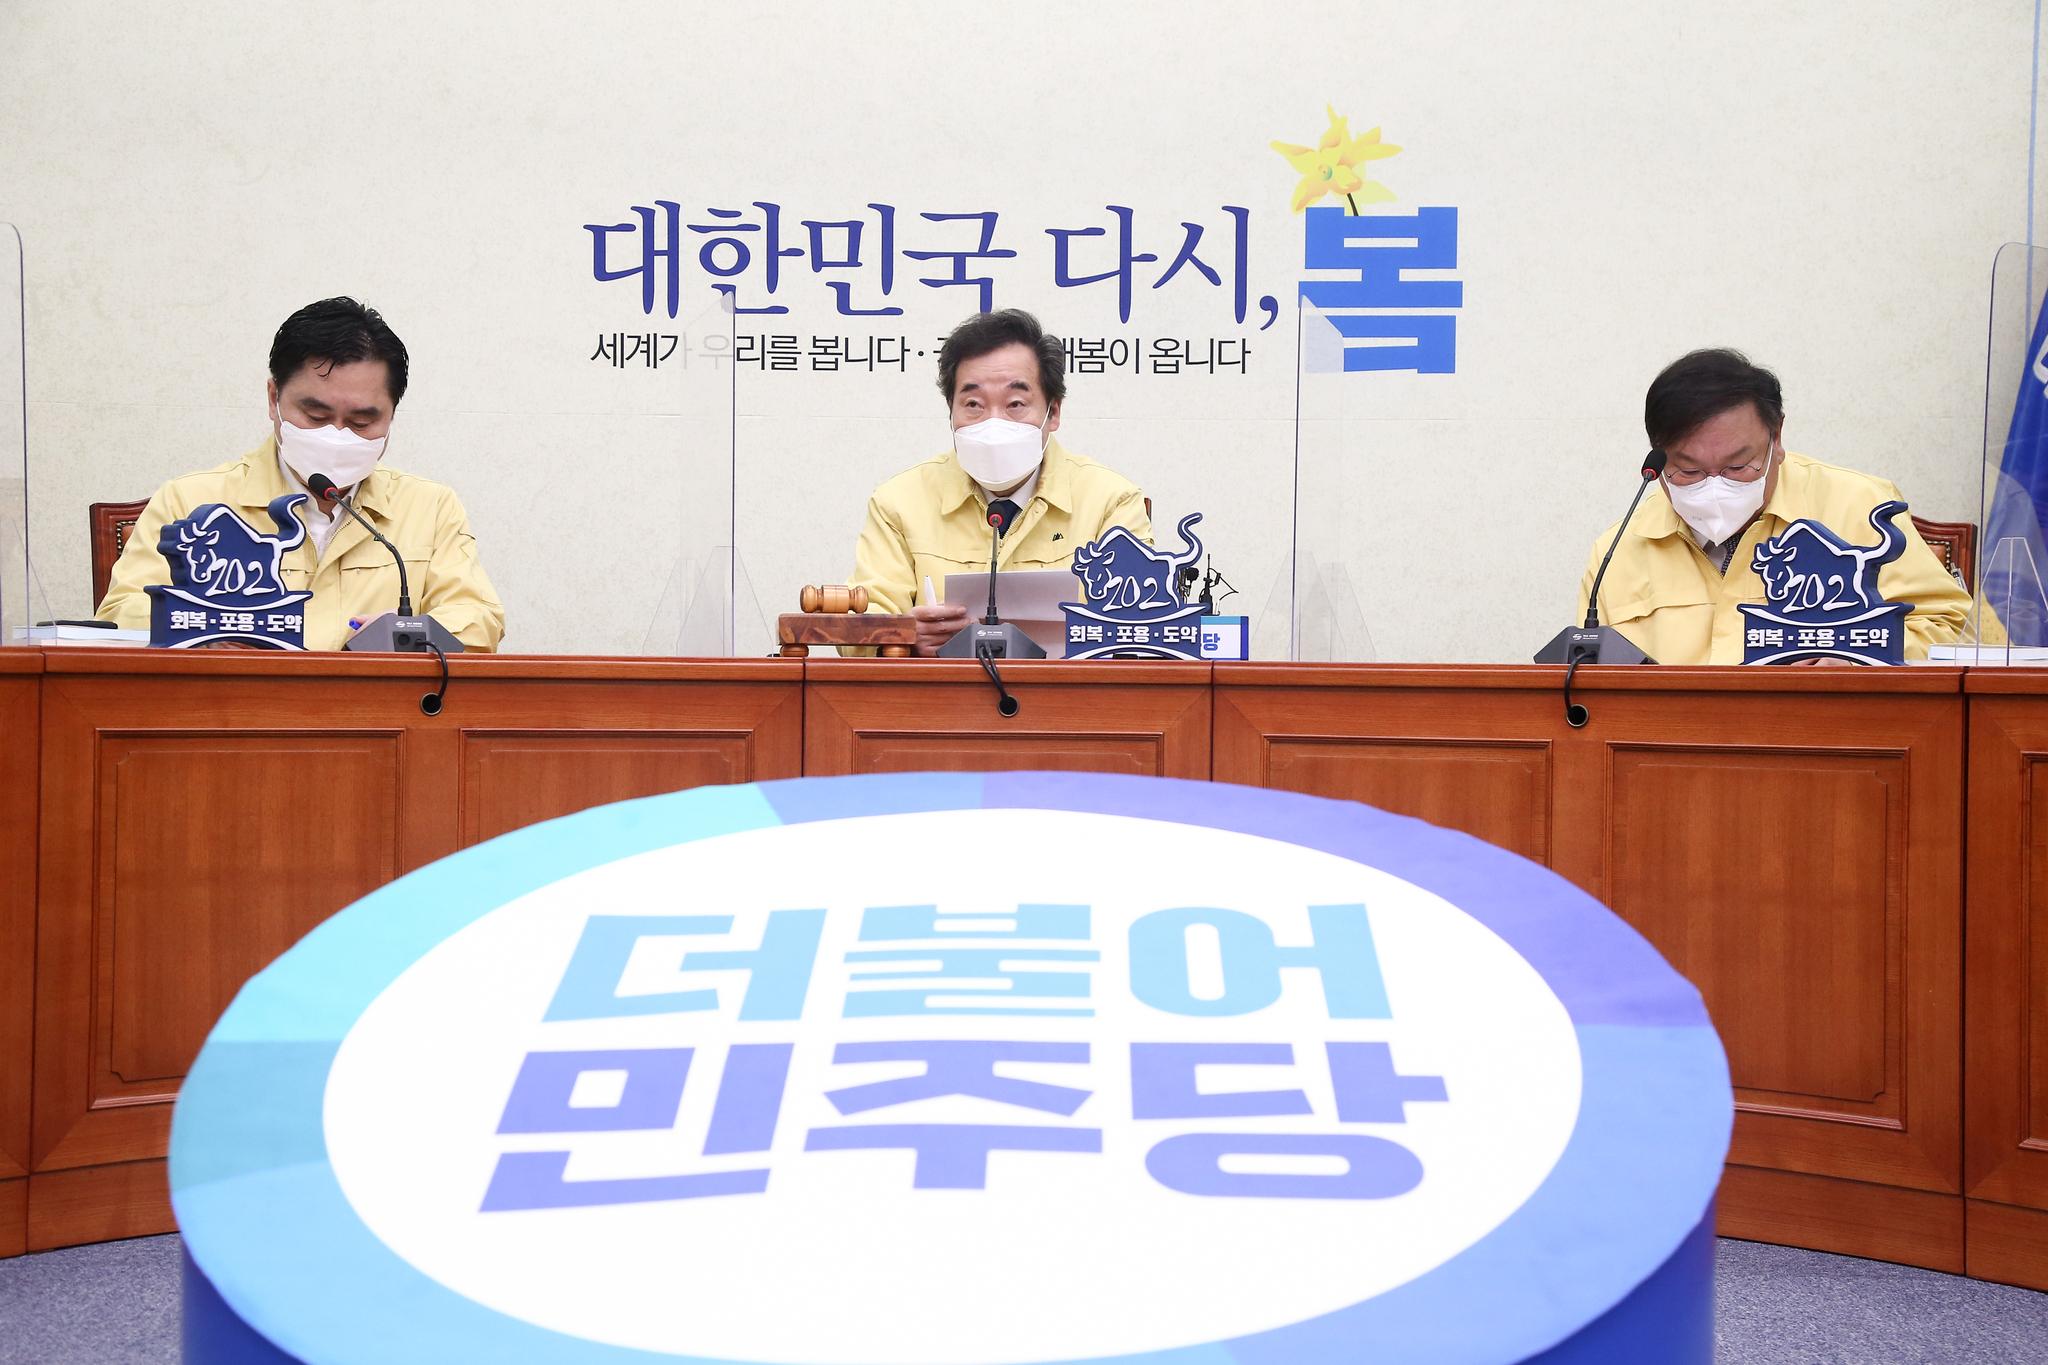 더불어민주당 이낙연 대표가 5일 국회에서 열린 최고위원회의에서 발언하고 있다. 연합뉴스